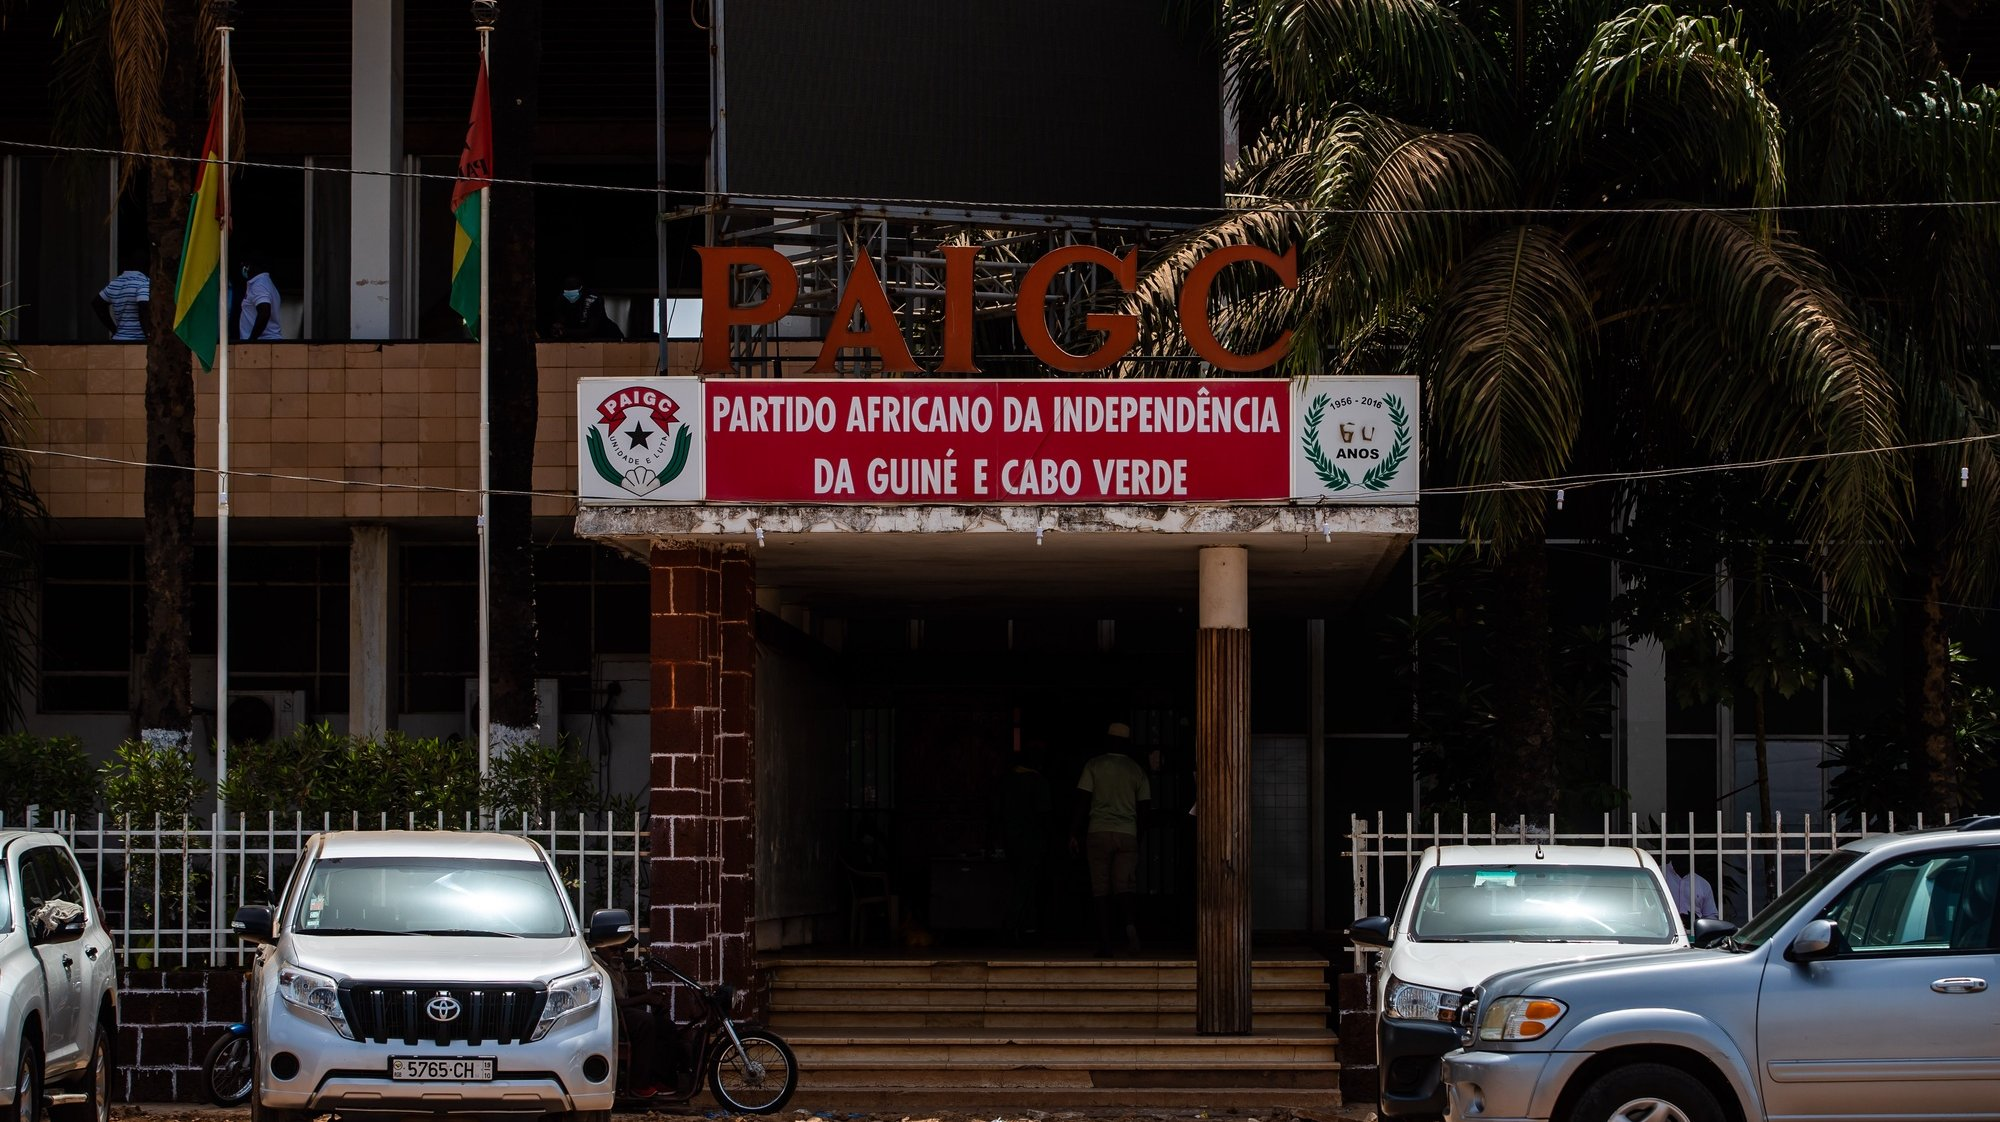 Sede do Partido Africano para a Independência da Guiné e Cabo Verde (PAIGC), em Bissau, na Guiné-Bissau, 16 de maio de 2021. JOSÉ SENA GOULÃO/LUSA